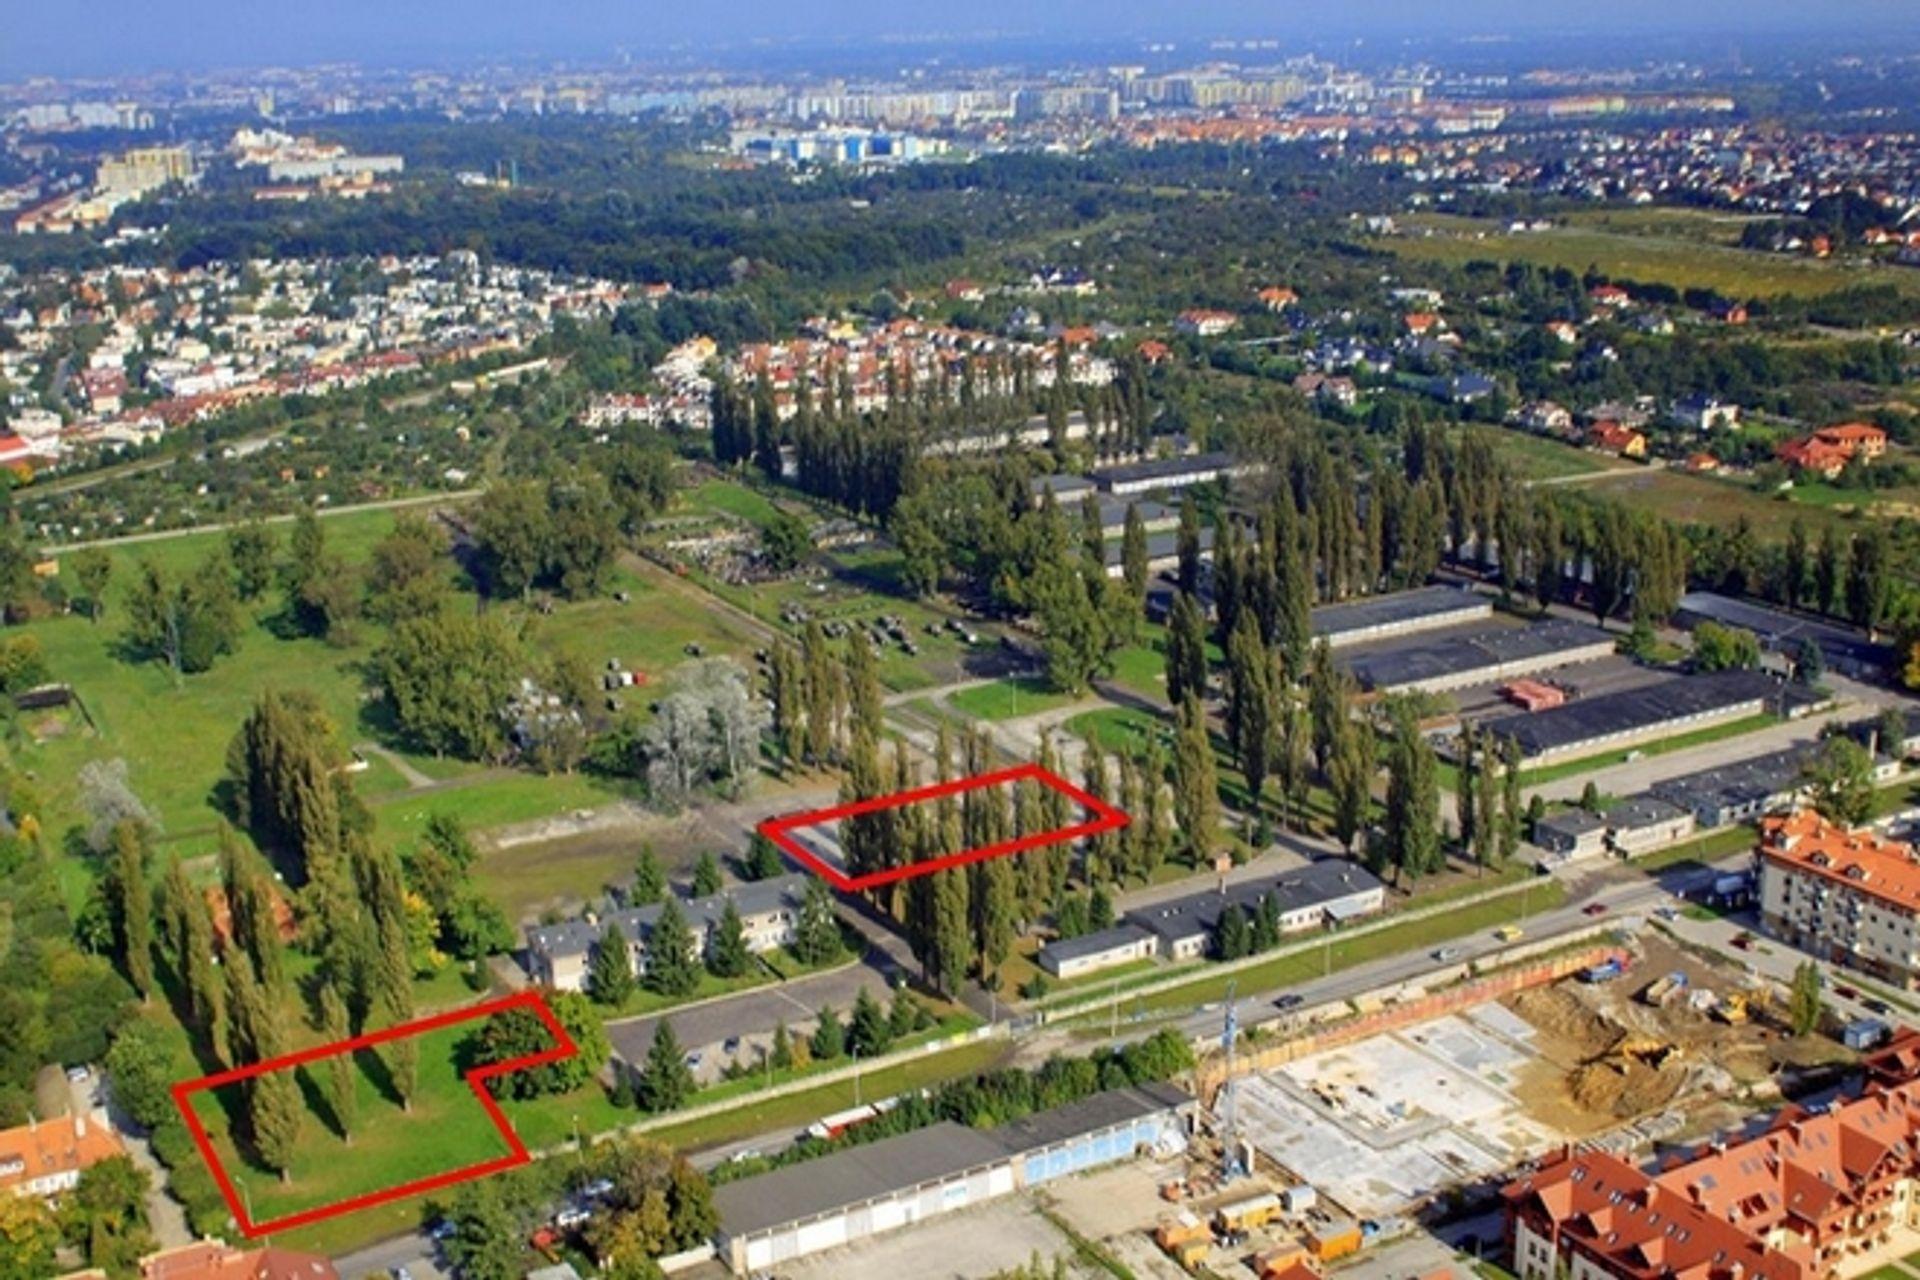 [Wrocław] Mieszkania czy parki - trwa spór o przyszłość wojskowych terenów na Zwycięskiej